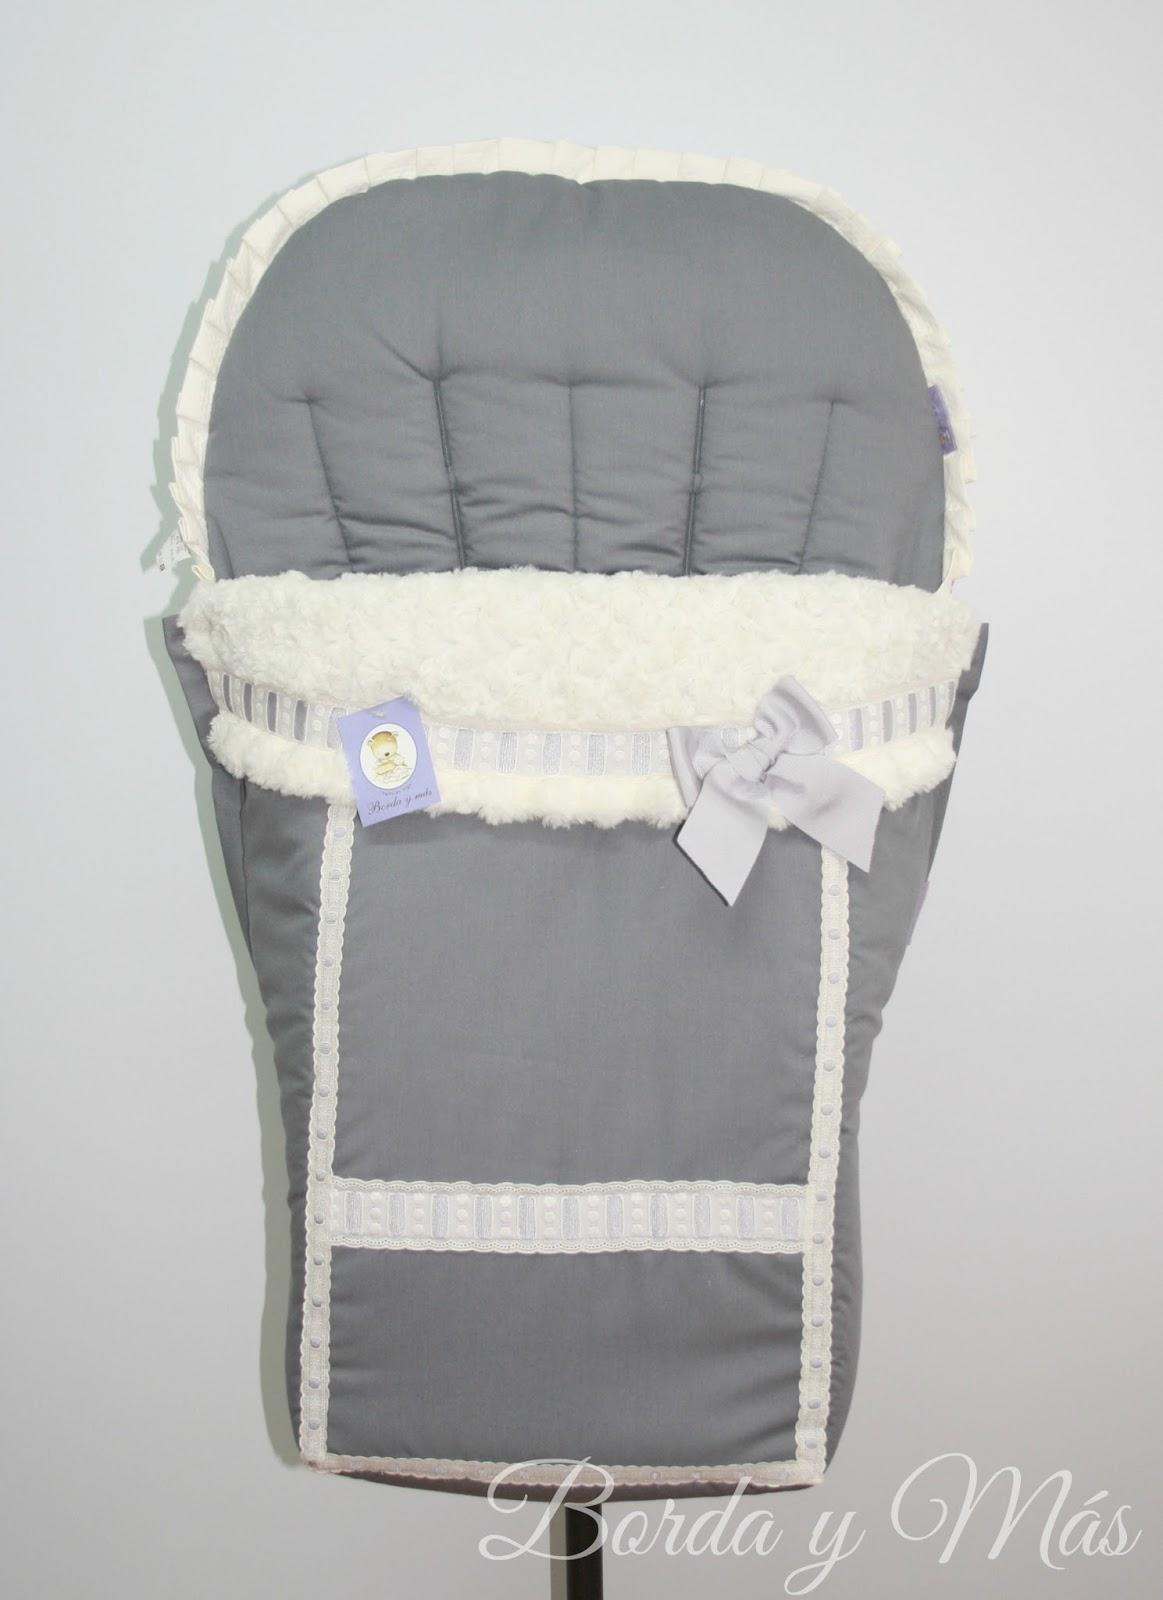 funda invierno silla bugaboo camaleon